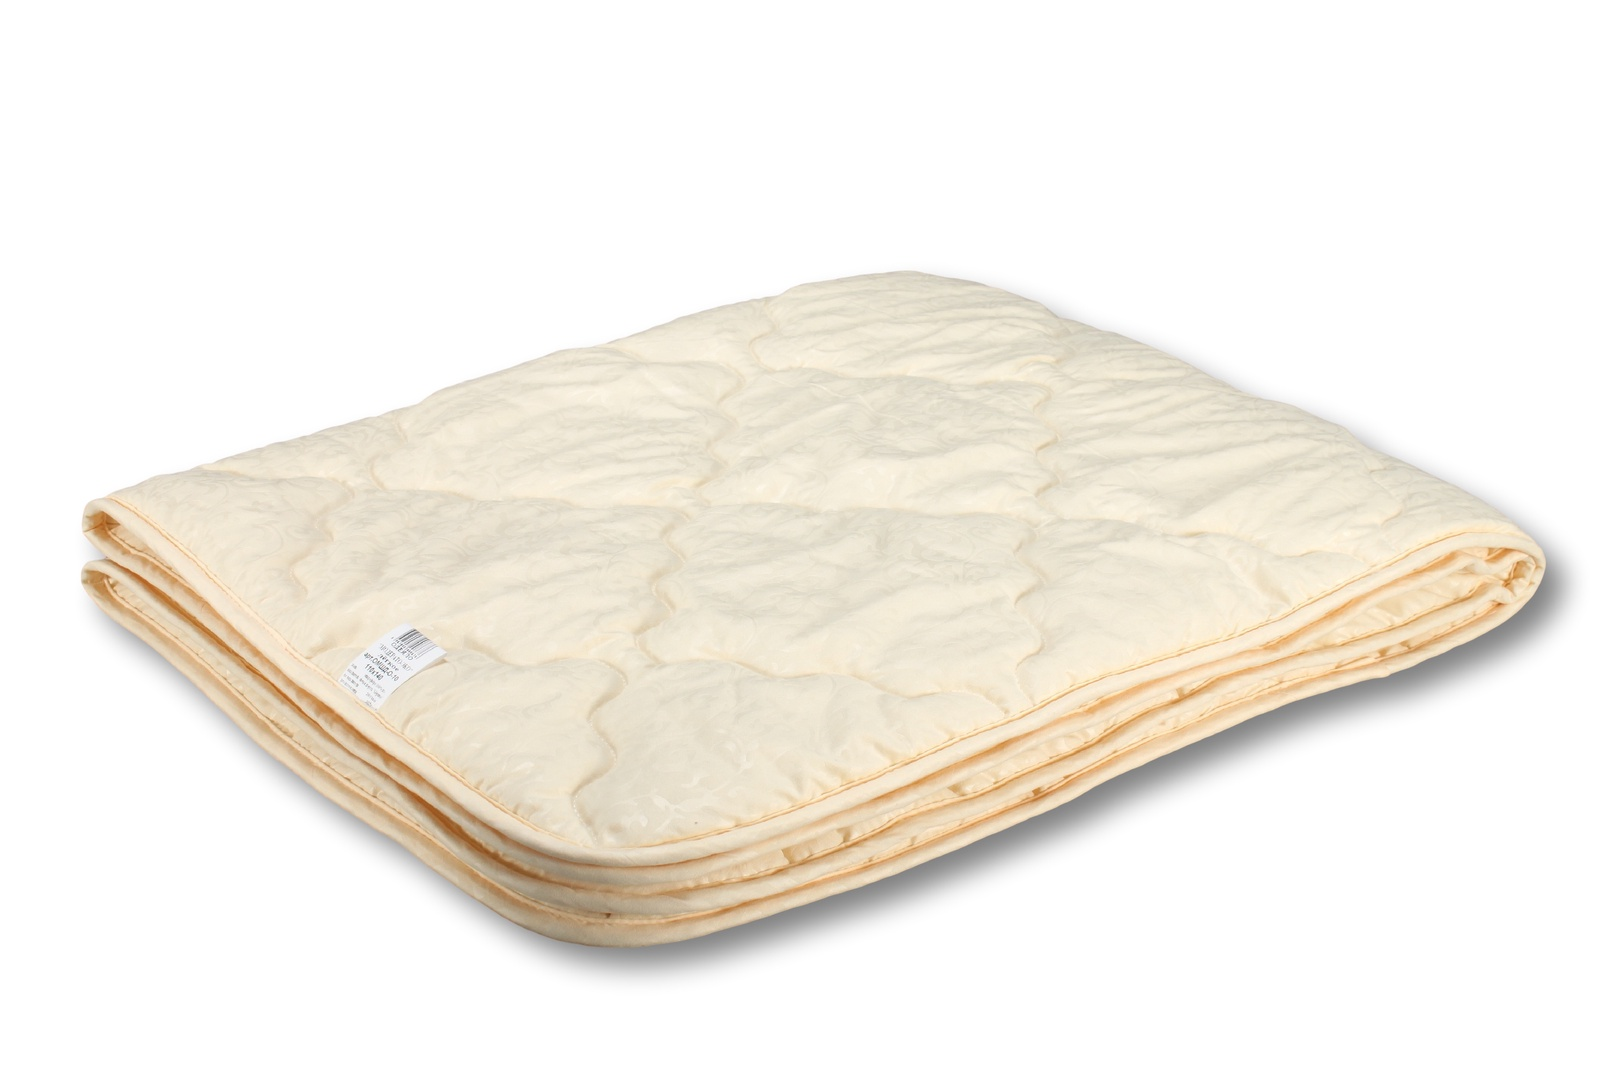 цена Одеяло детское Dream time уникальный, ДТ-ОХП-Д-О-10 онлайн в 2017 году